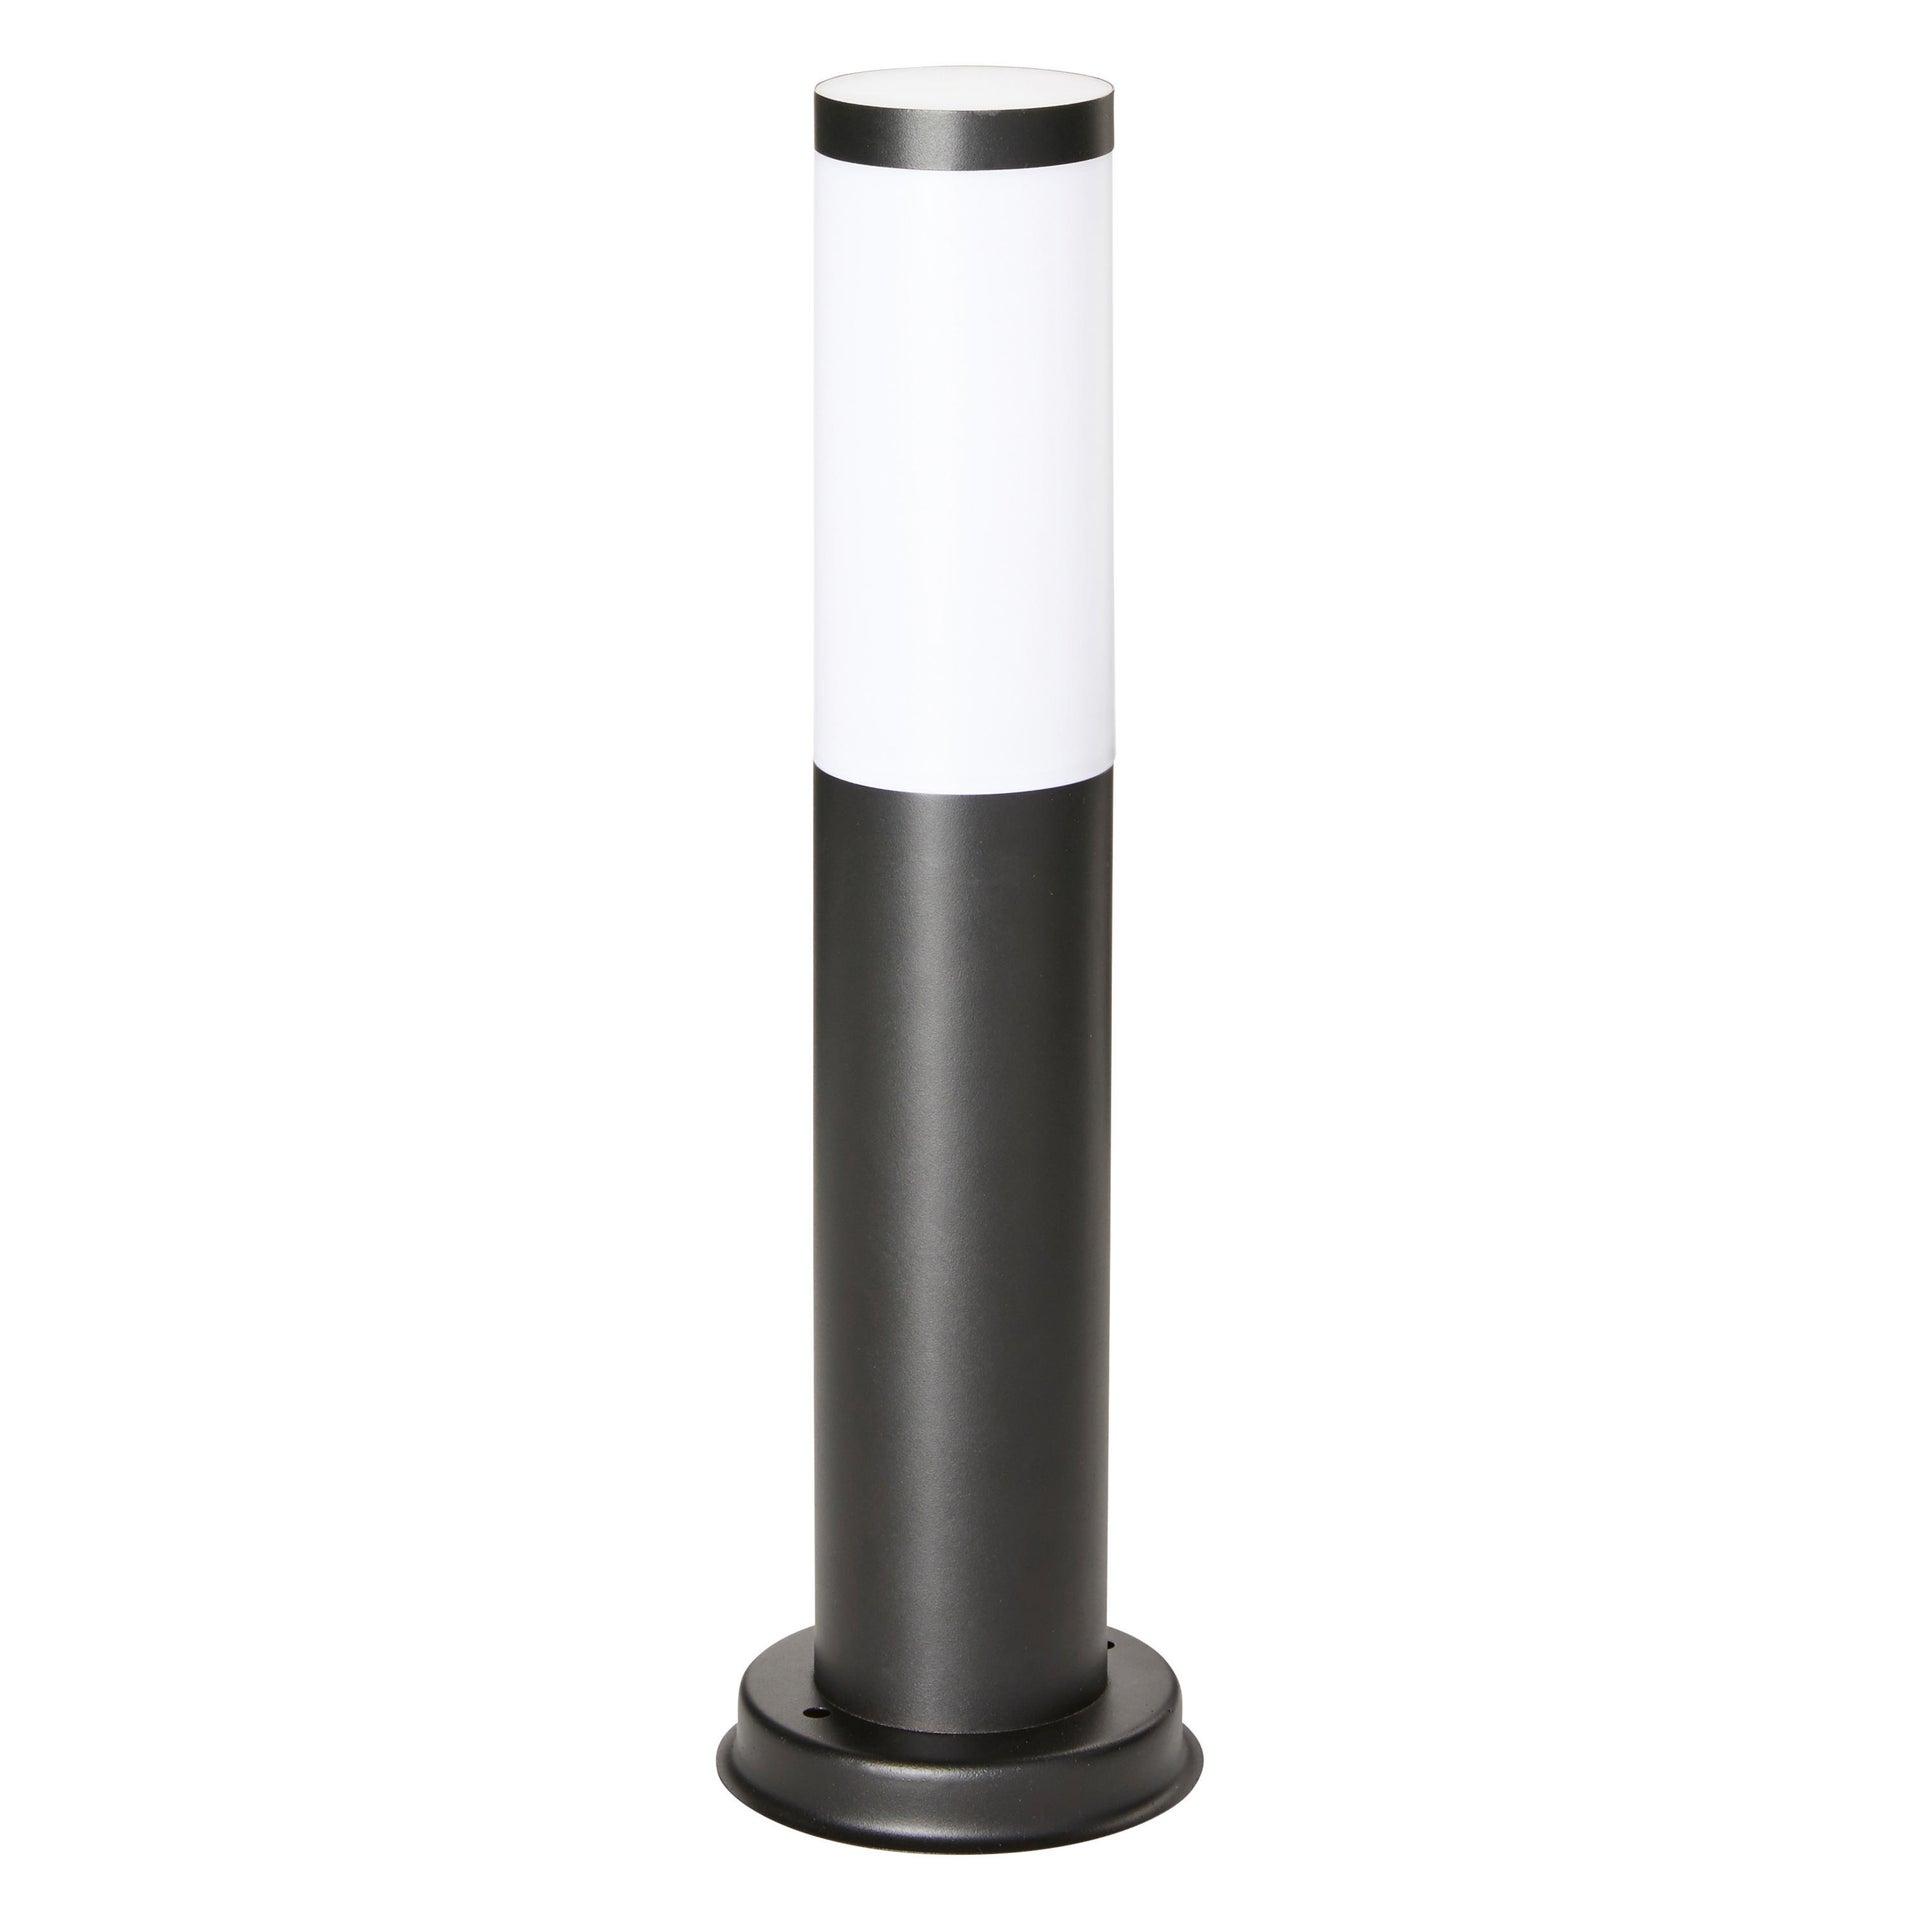 Lampione Travis H45.0 cm in acciaio inossidabile, nero, E27 1x MAX 15W IP44 INSPIRE - 5